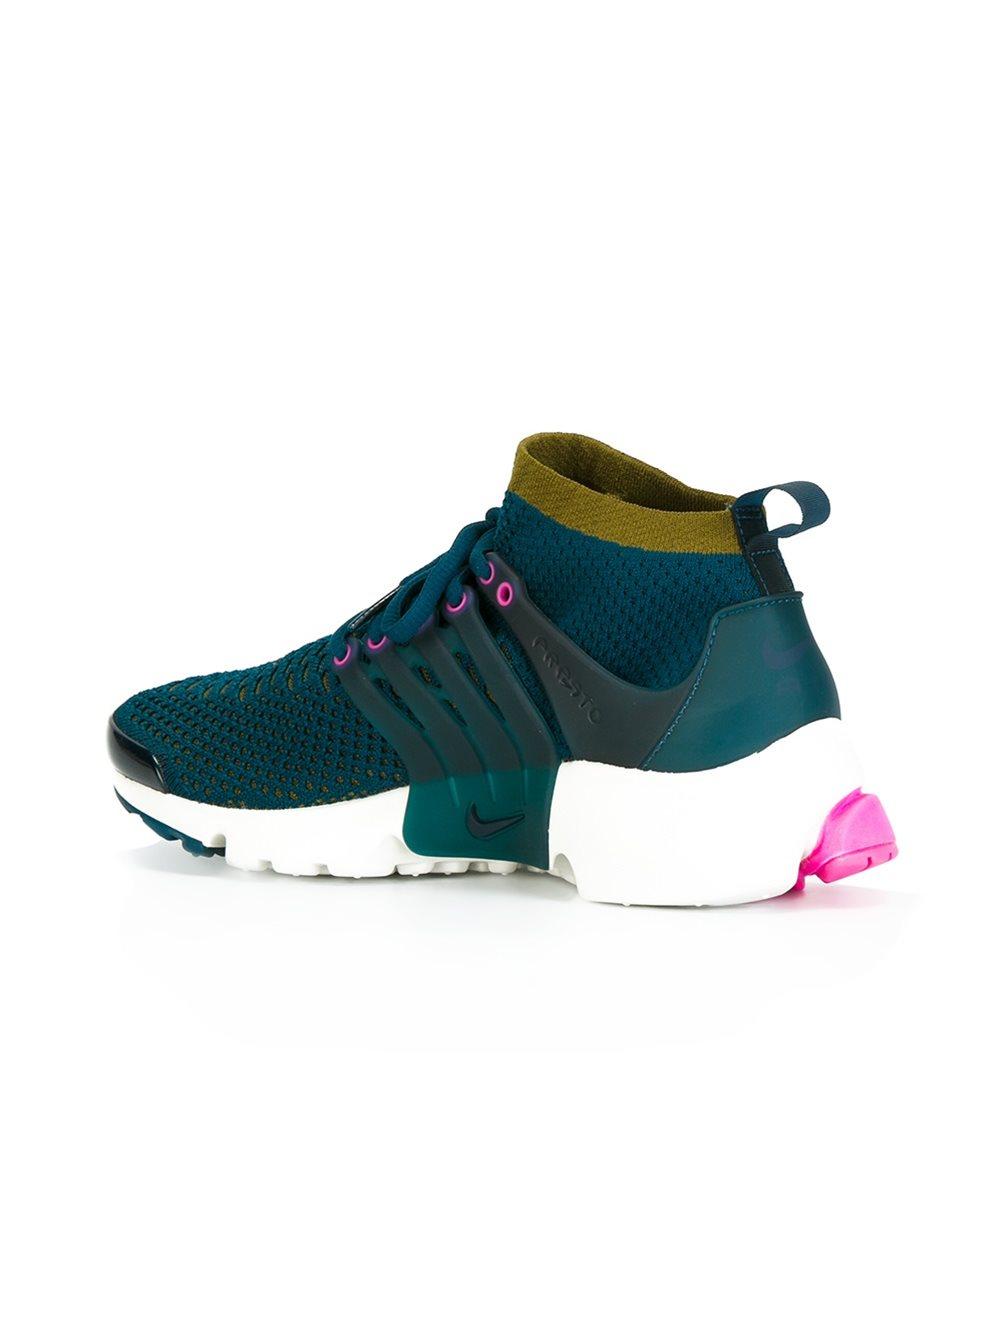 Lyst - Nike - 'air Presto Flyknit Ultra' Sneakers